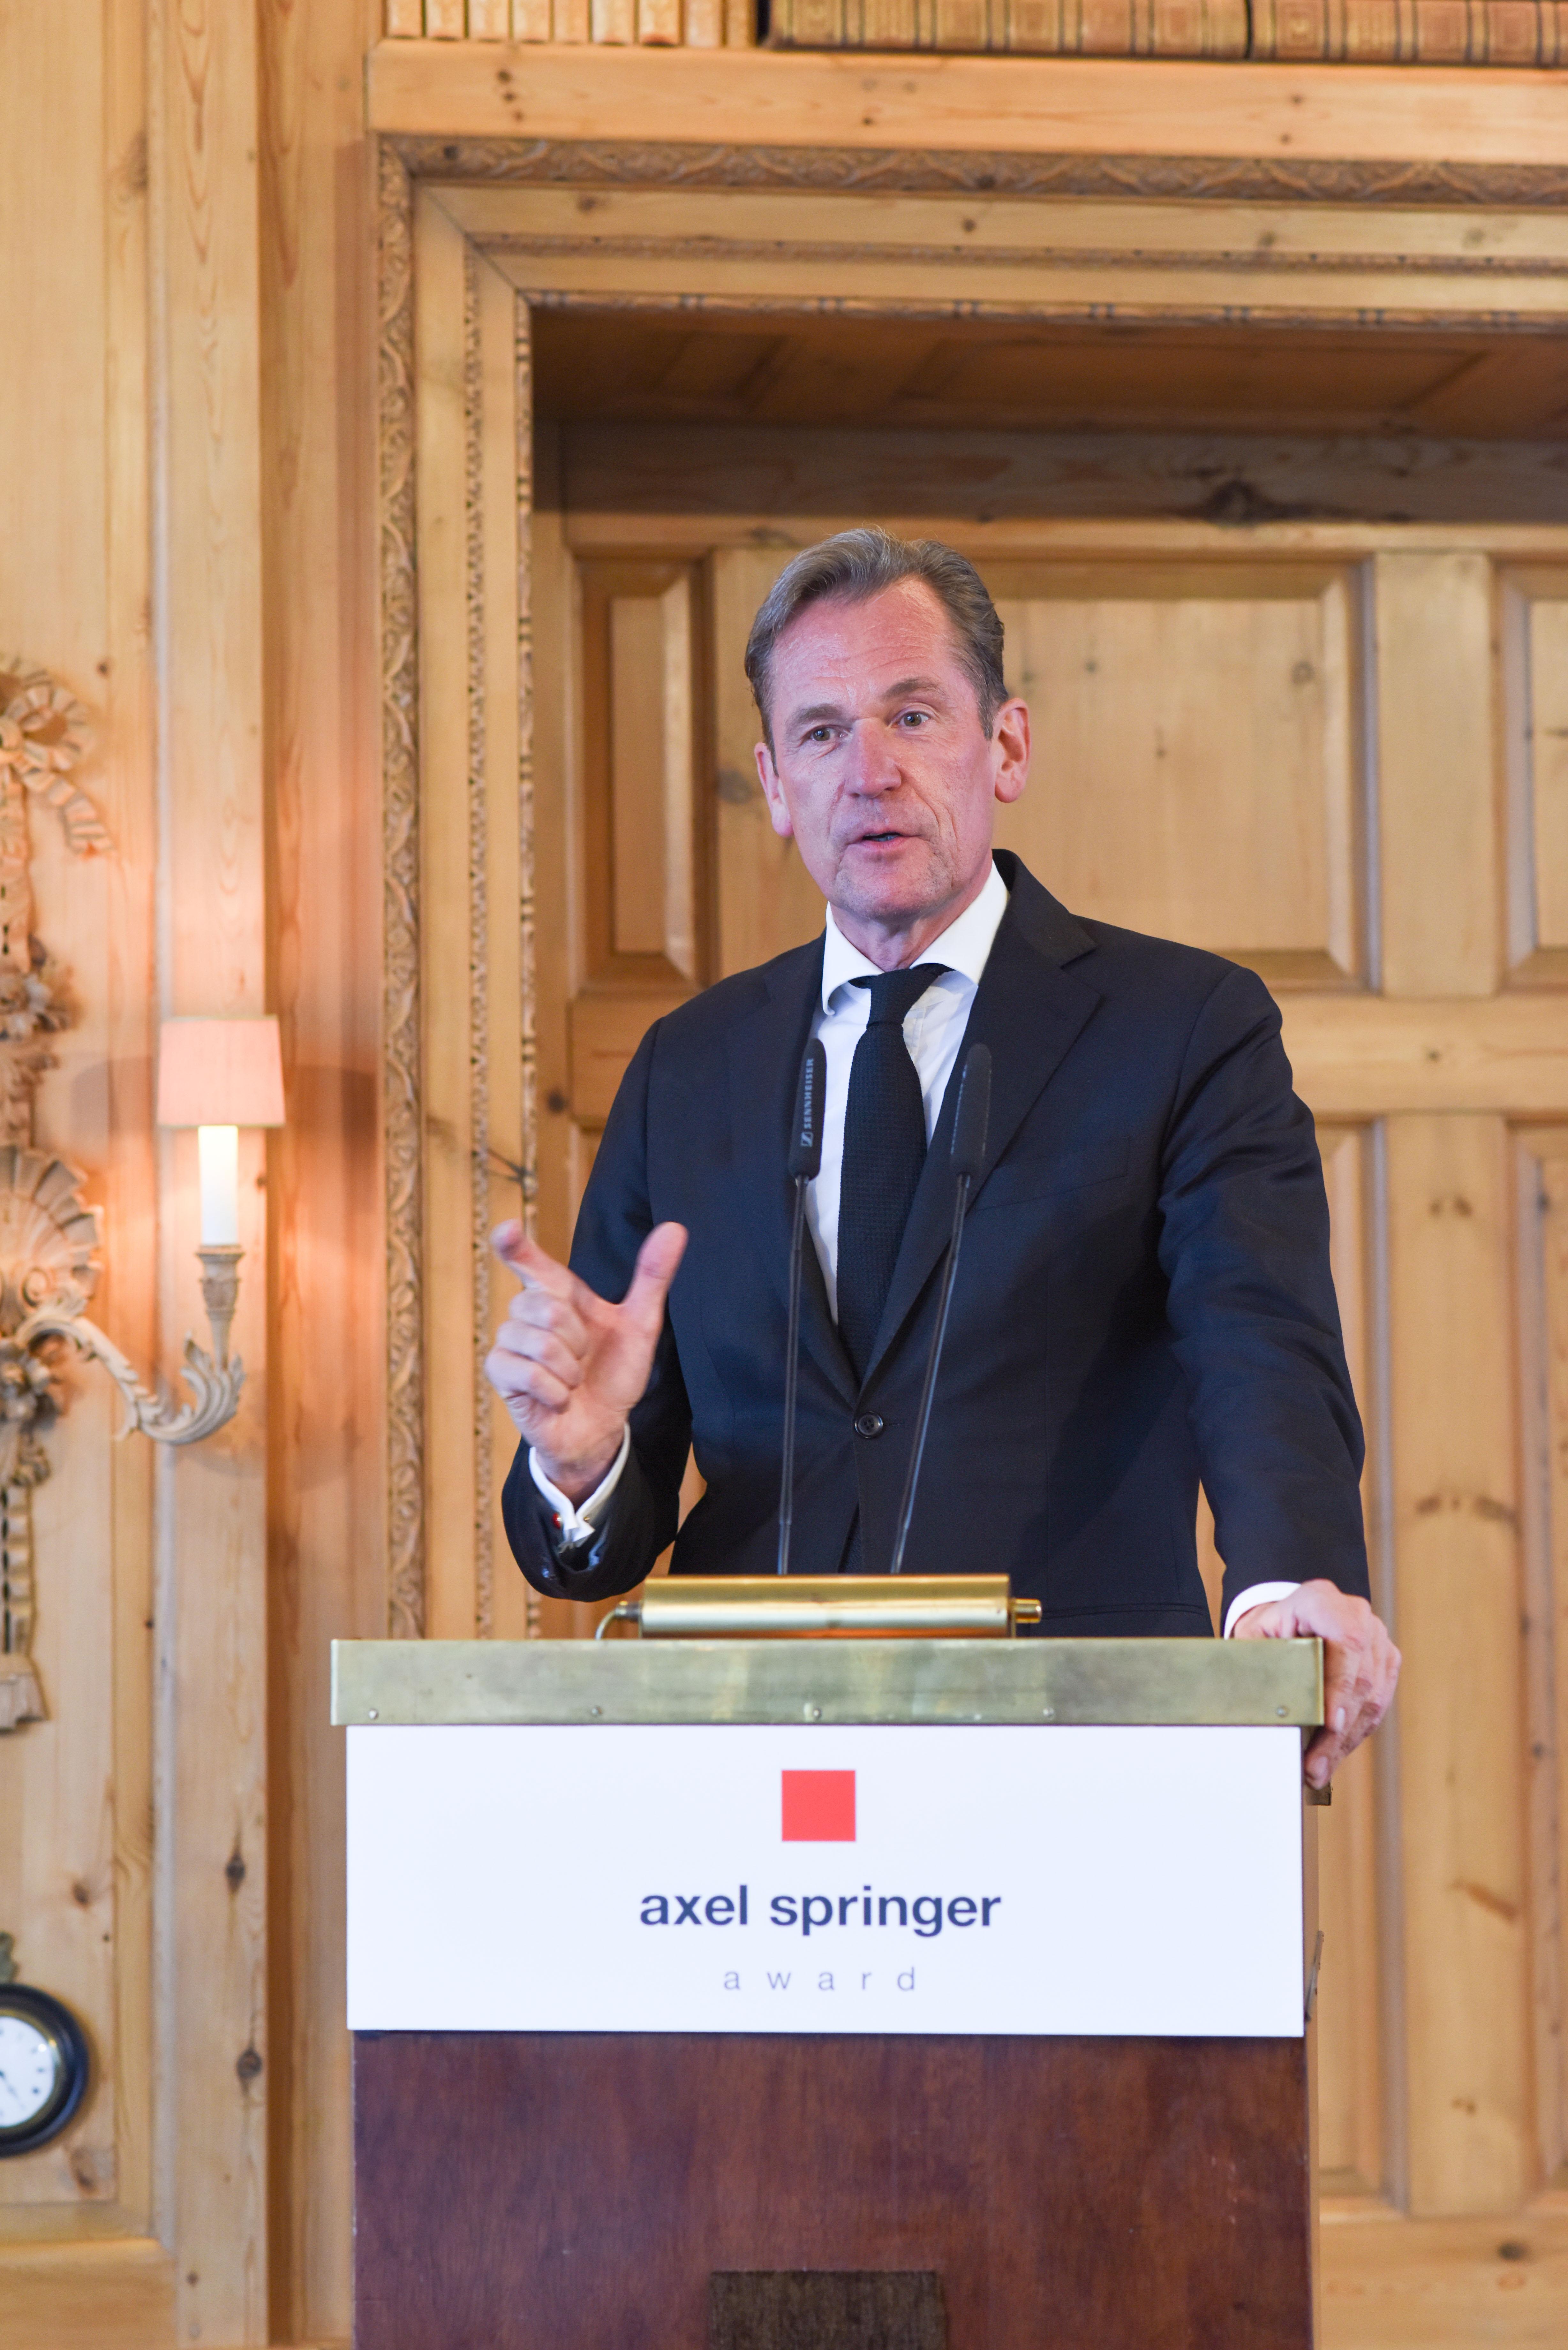 Berlin, 2.5.2017 Verleihung des Axel-Springer Award an Sir Tim Bernes-Lee. Unter den Gästen: